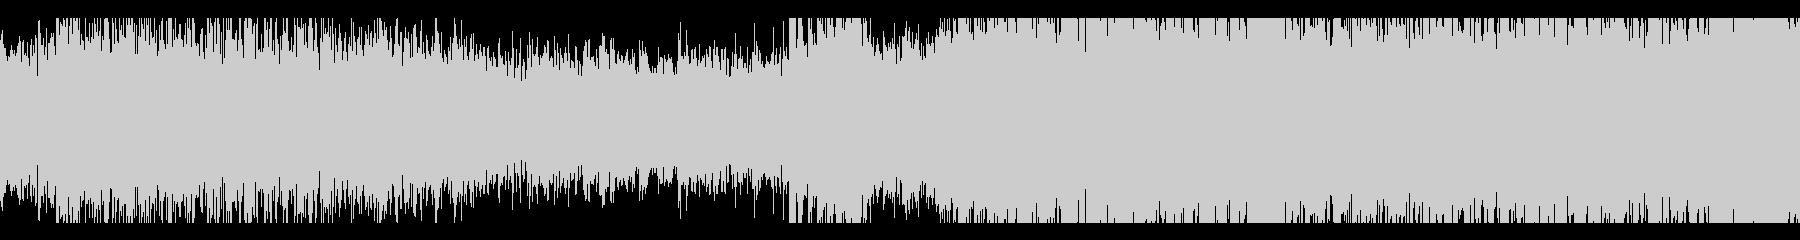 恐怖感たっぷりのピアノの未再生の波形